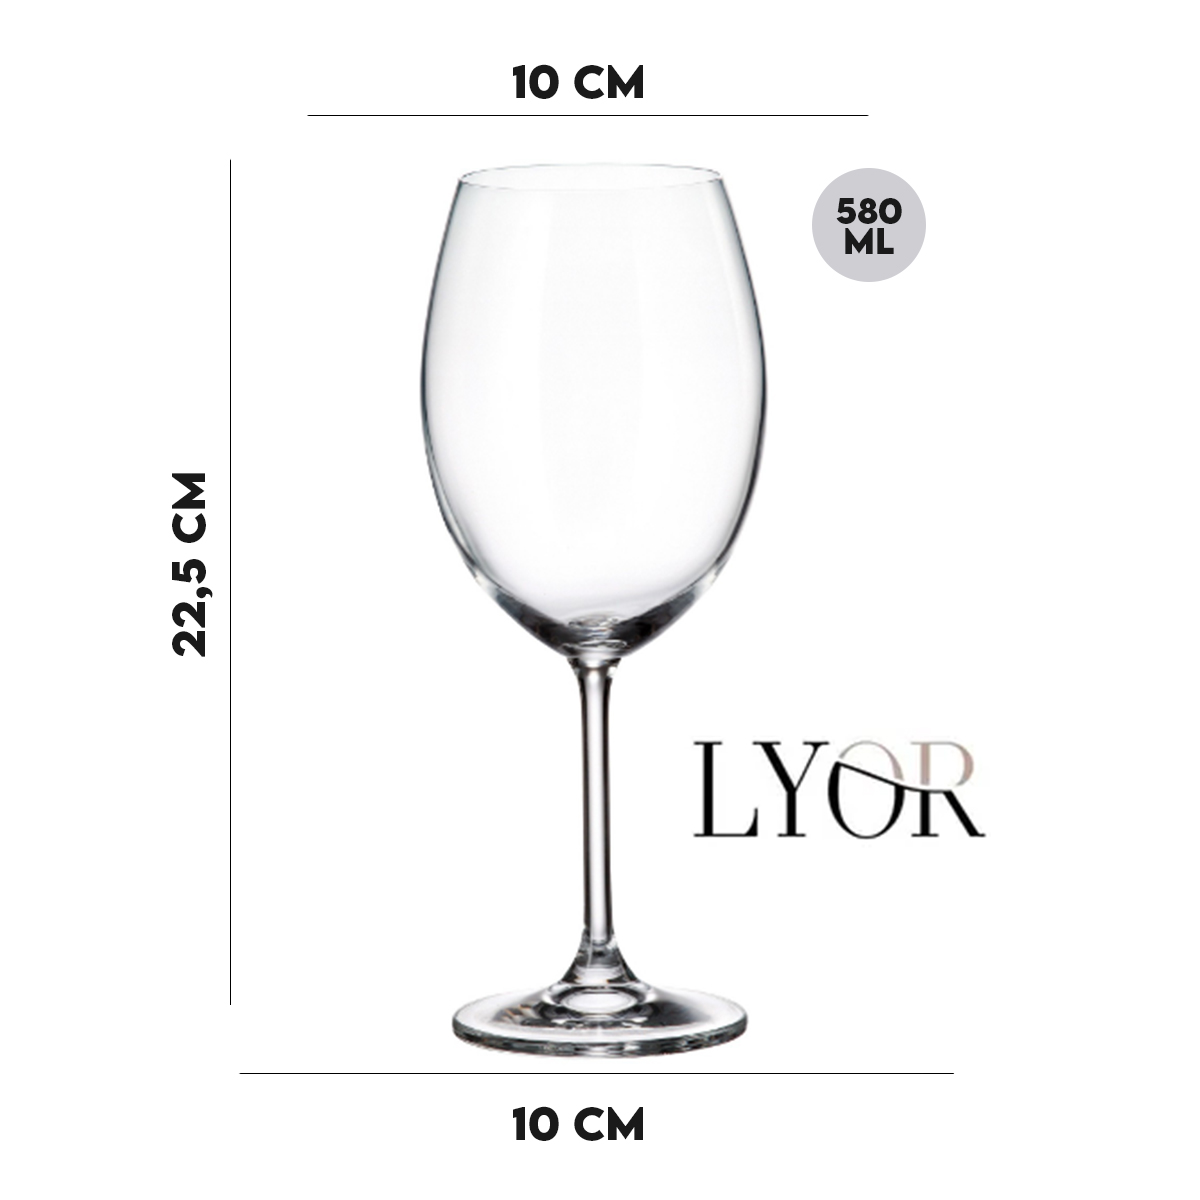 Jogo 8 Taça para Degustação de Vinho Cristal Ecológico 580 ml  - Lemis